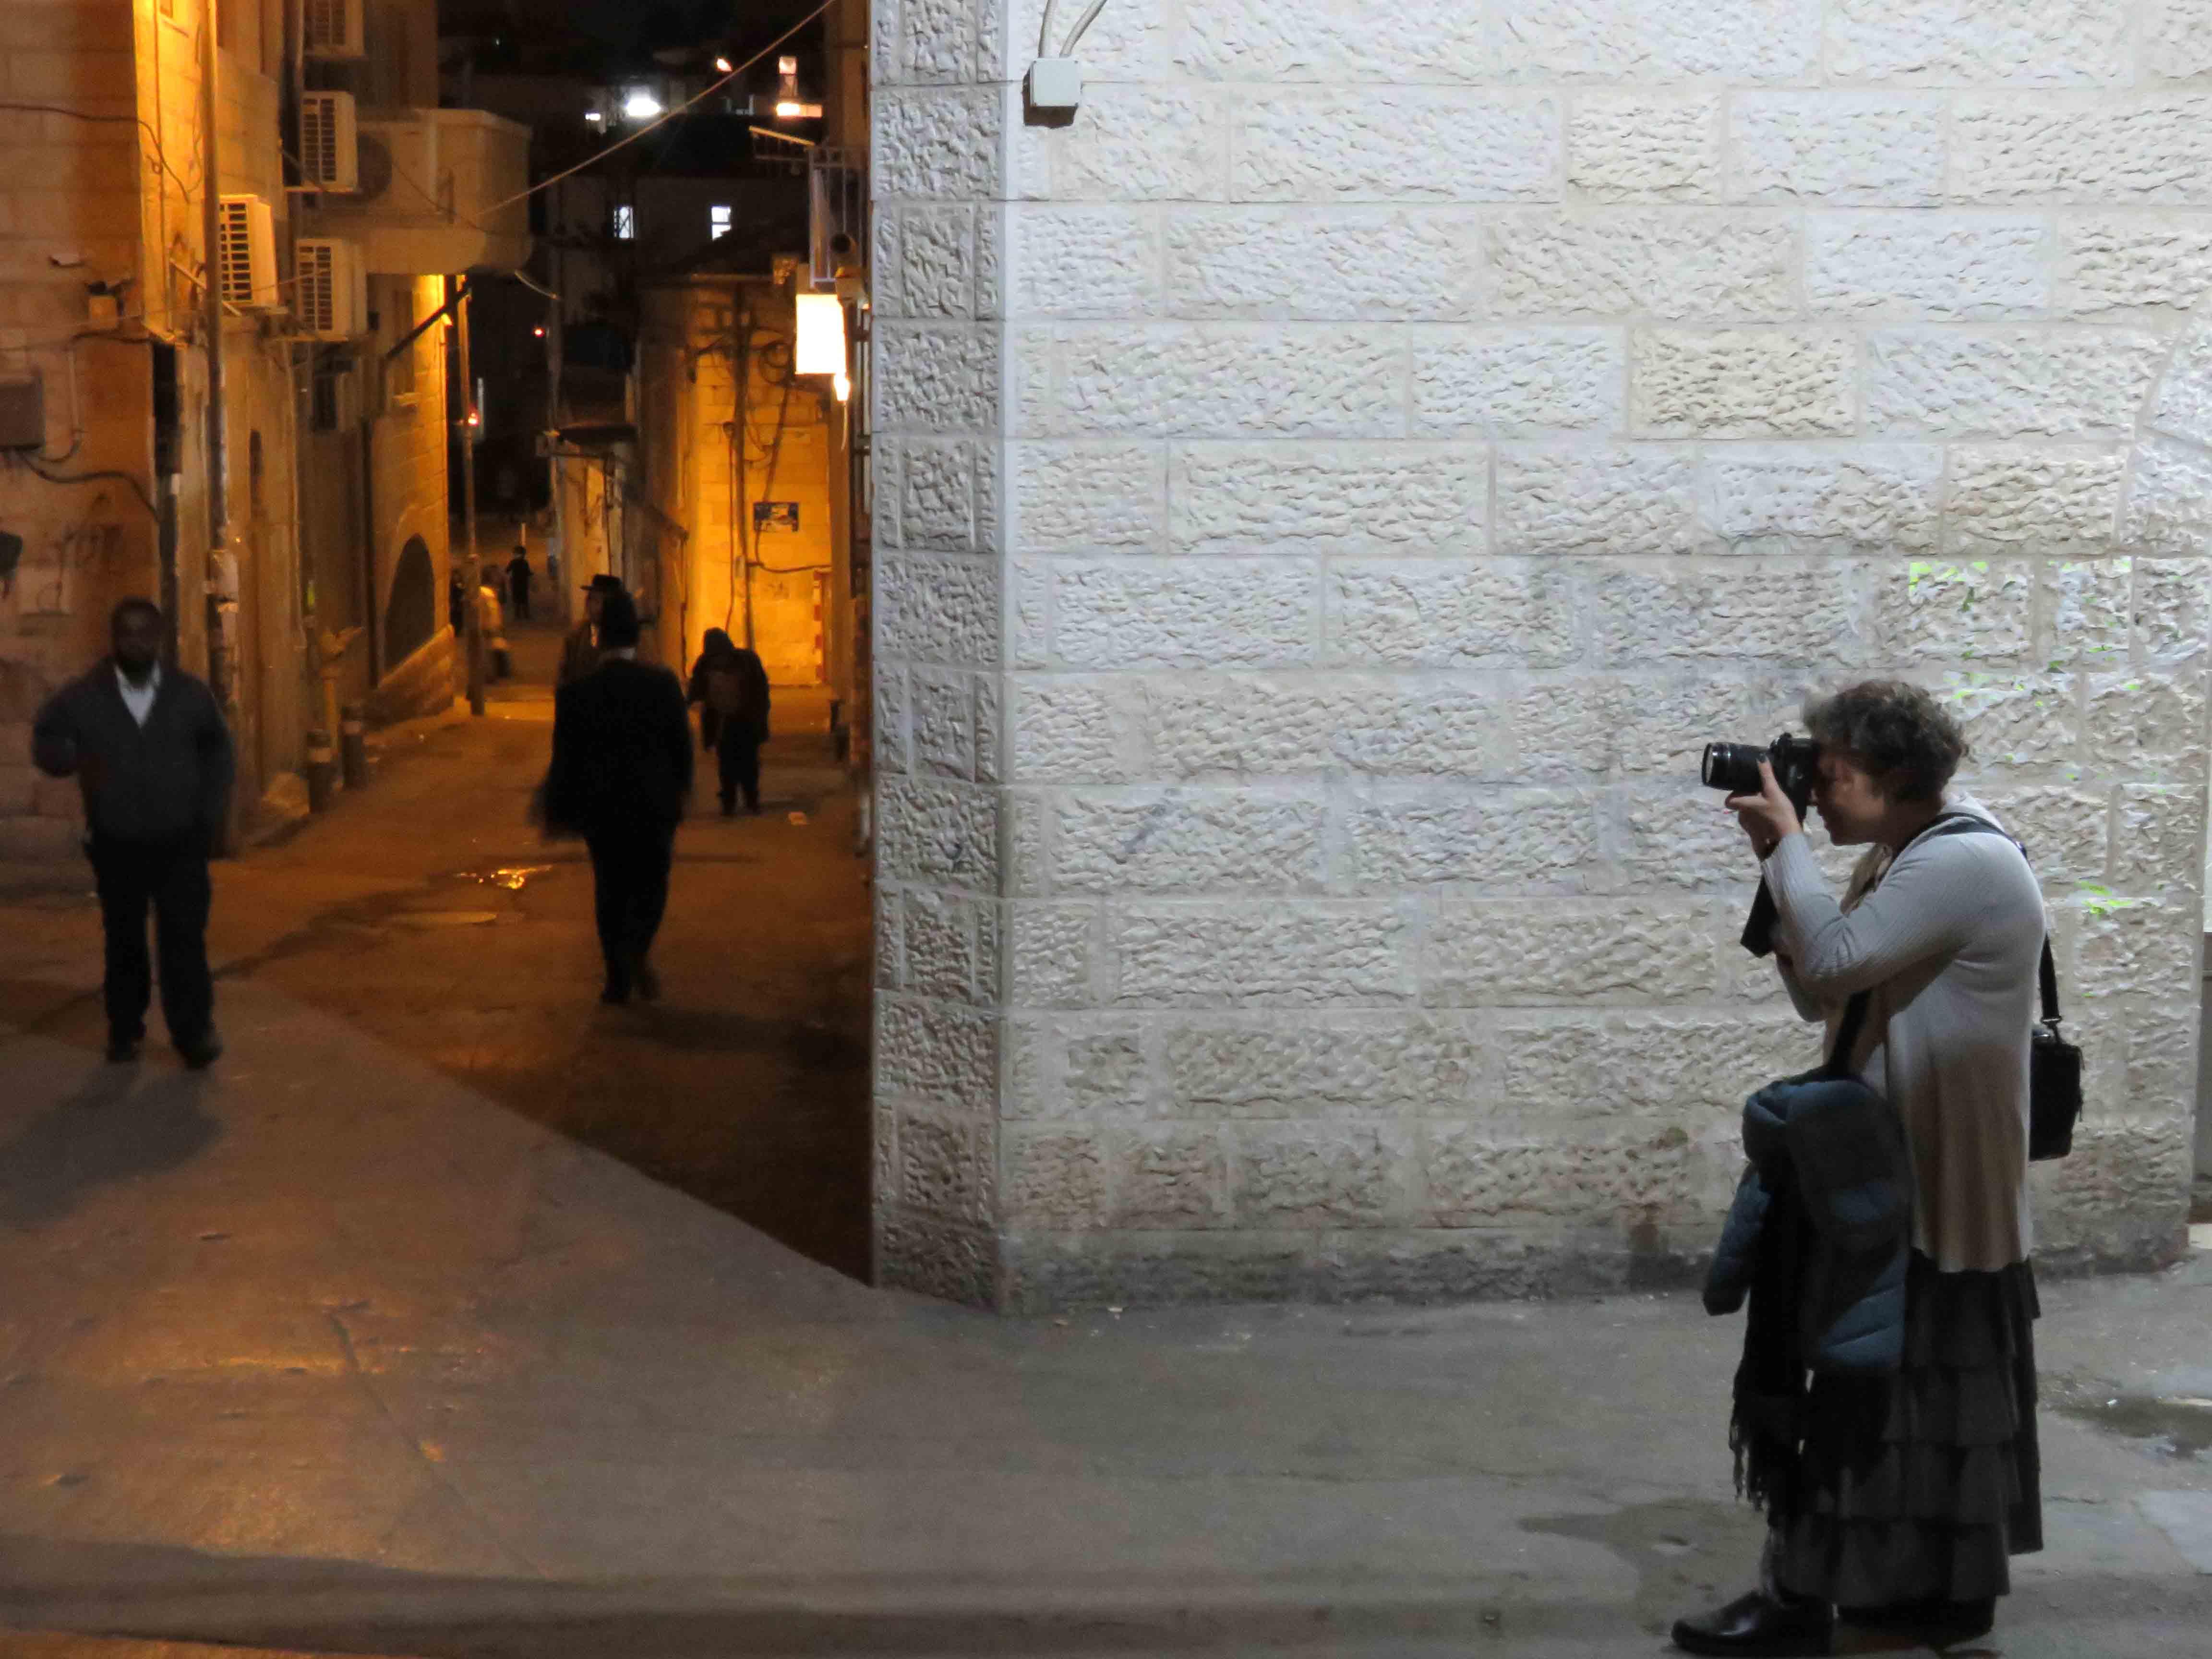 קרוס צילום, צילום במאה שערים